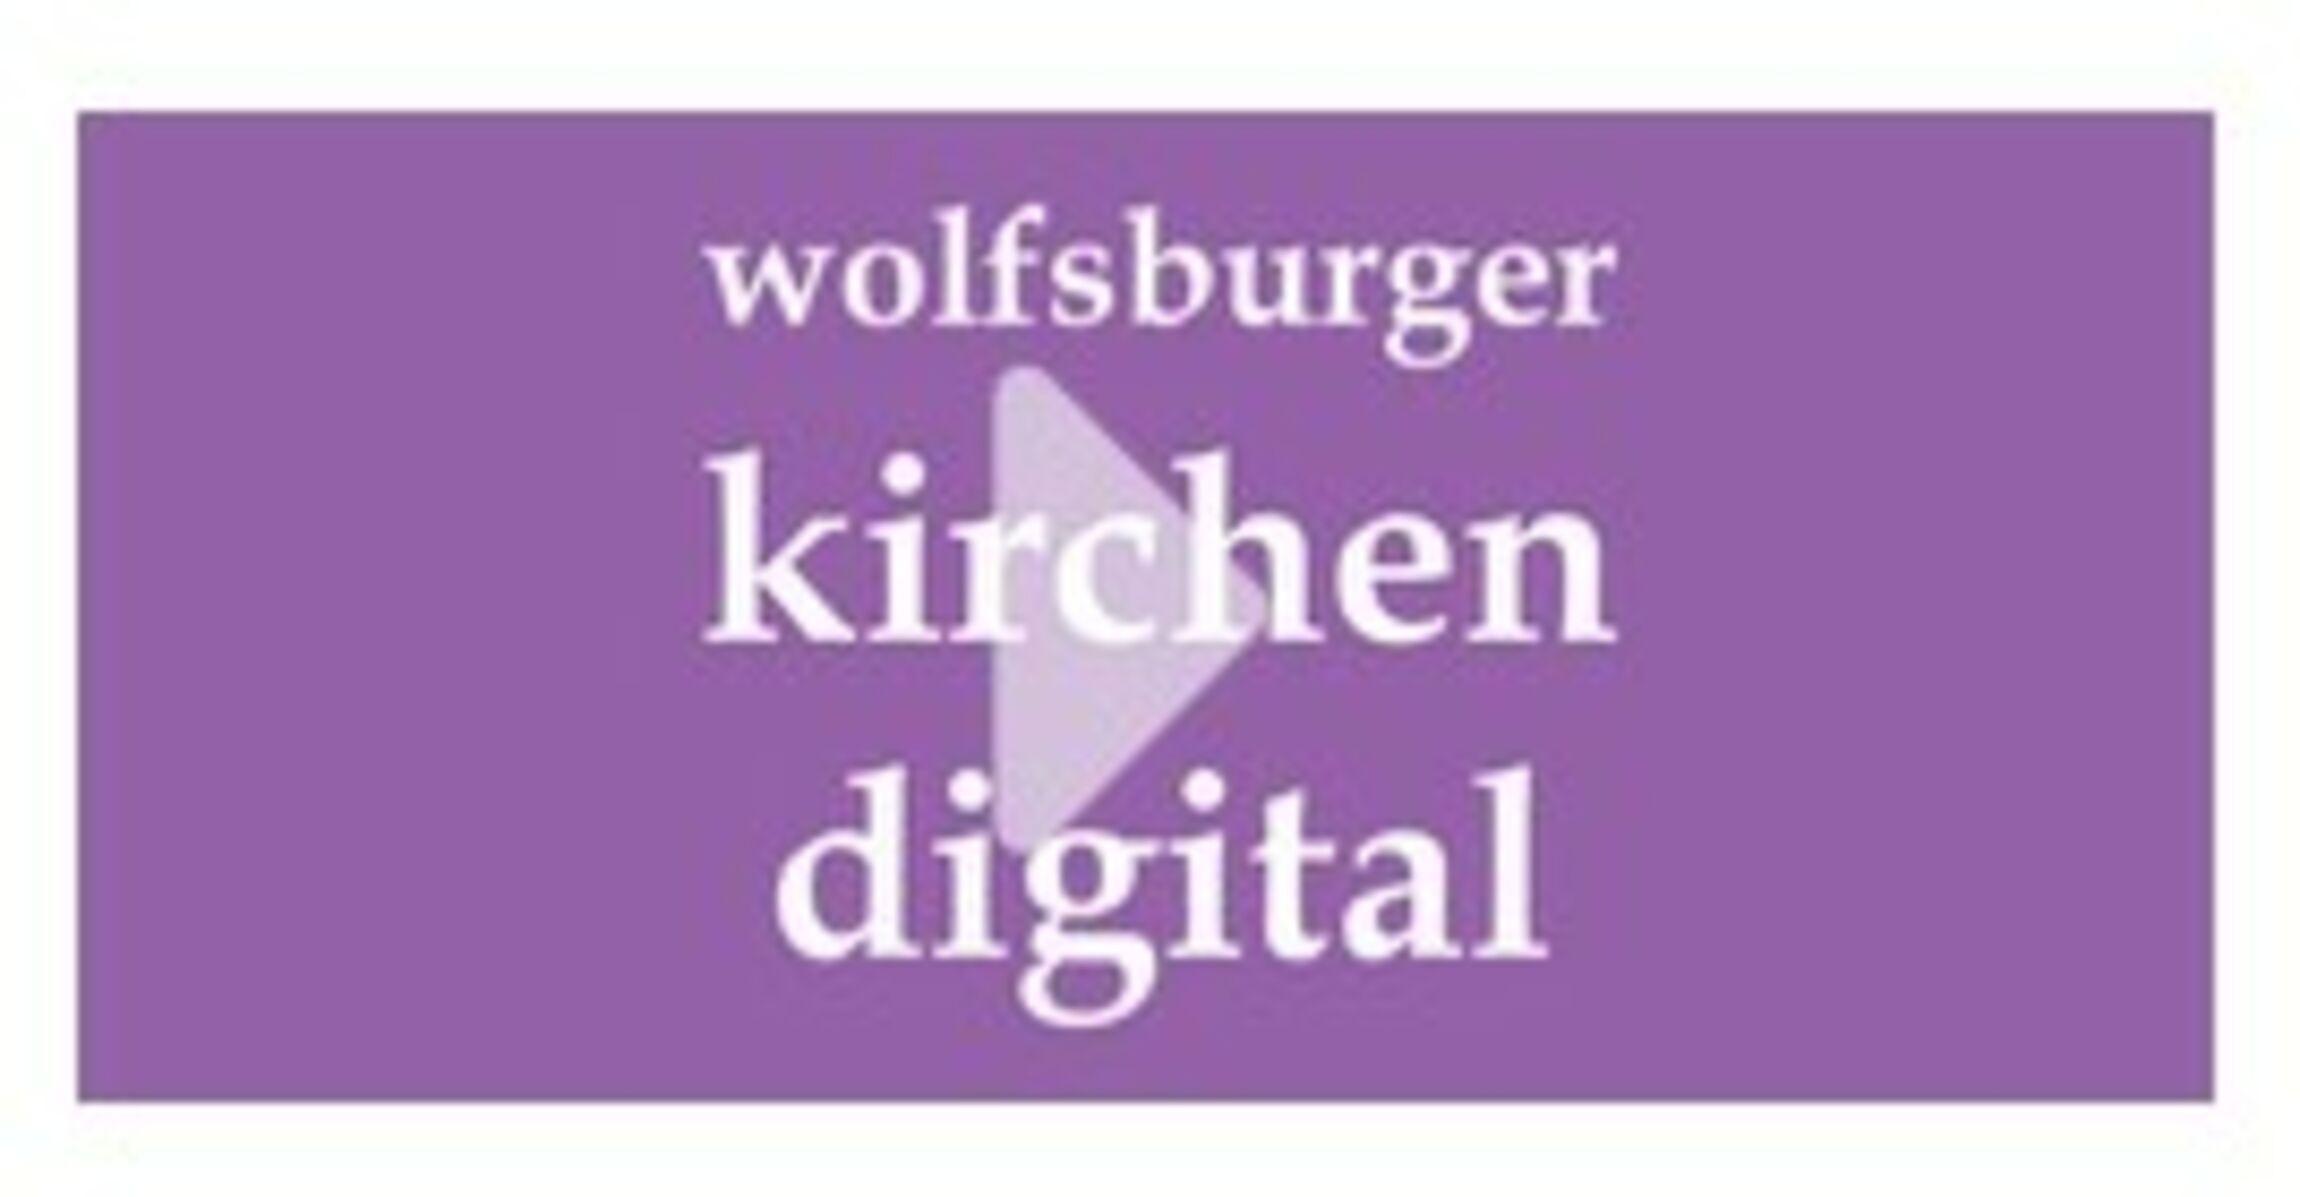 wolfsburger-kirchen-digital